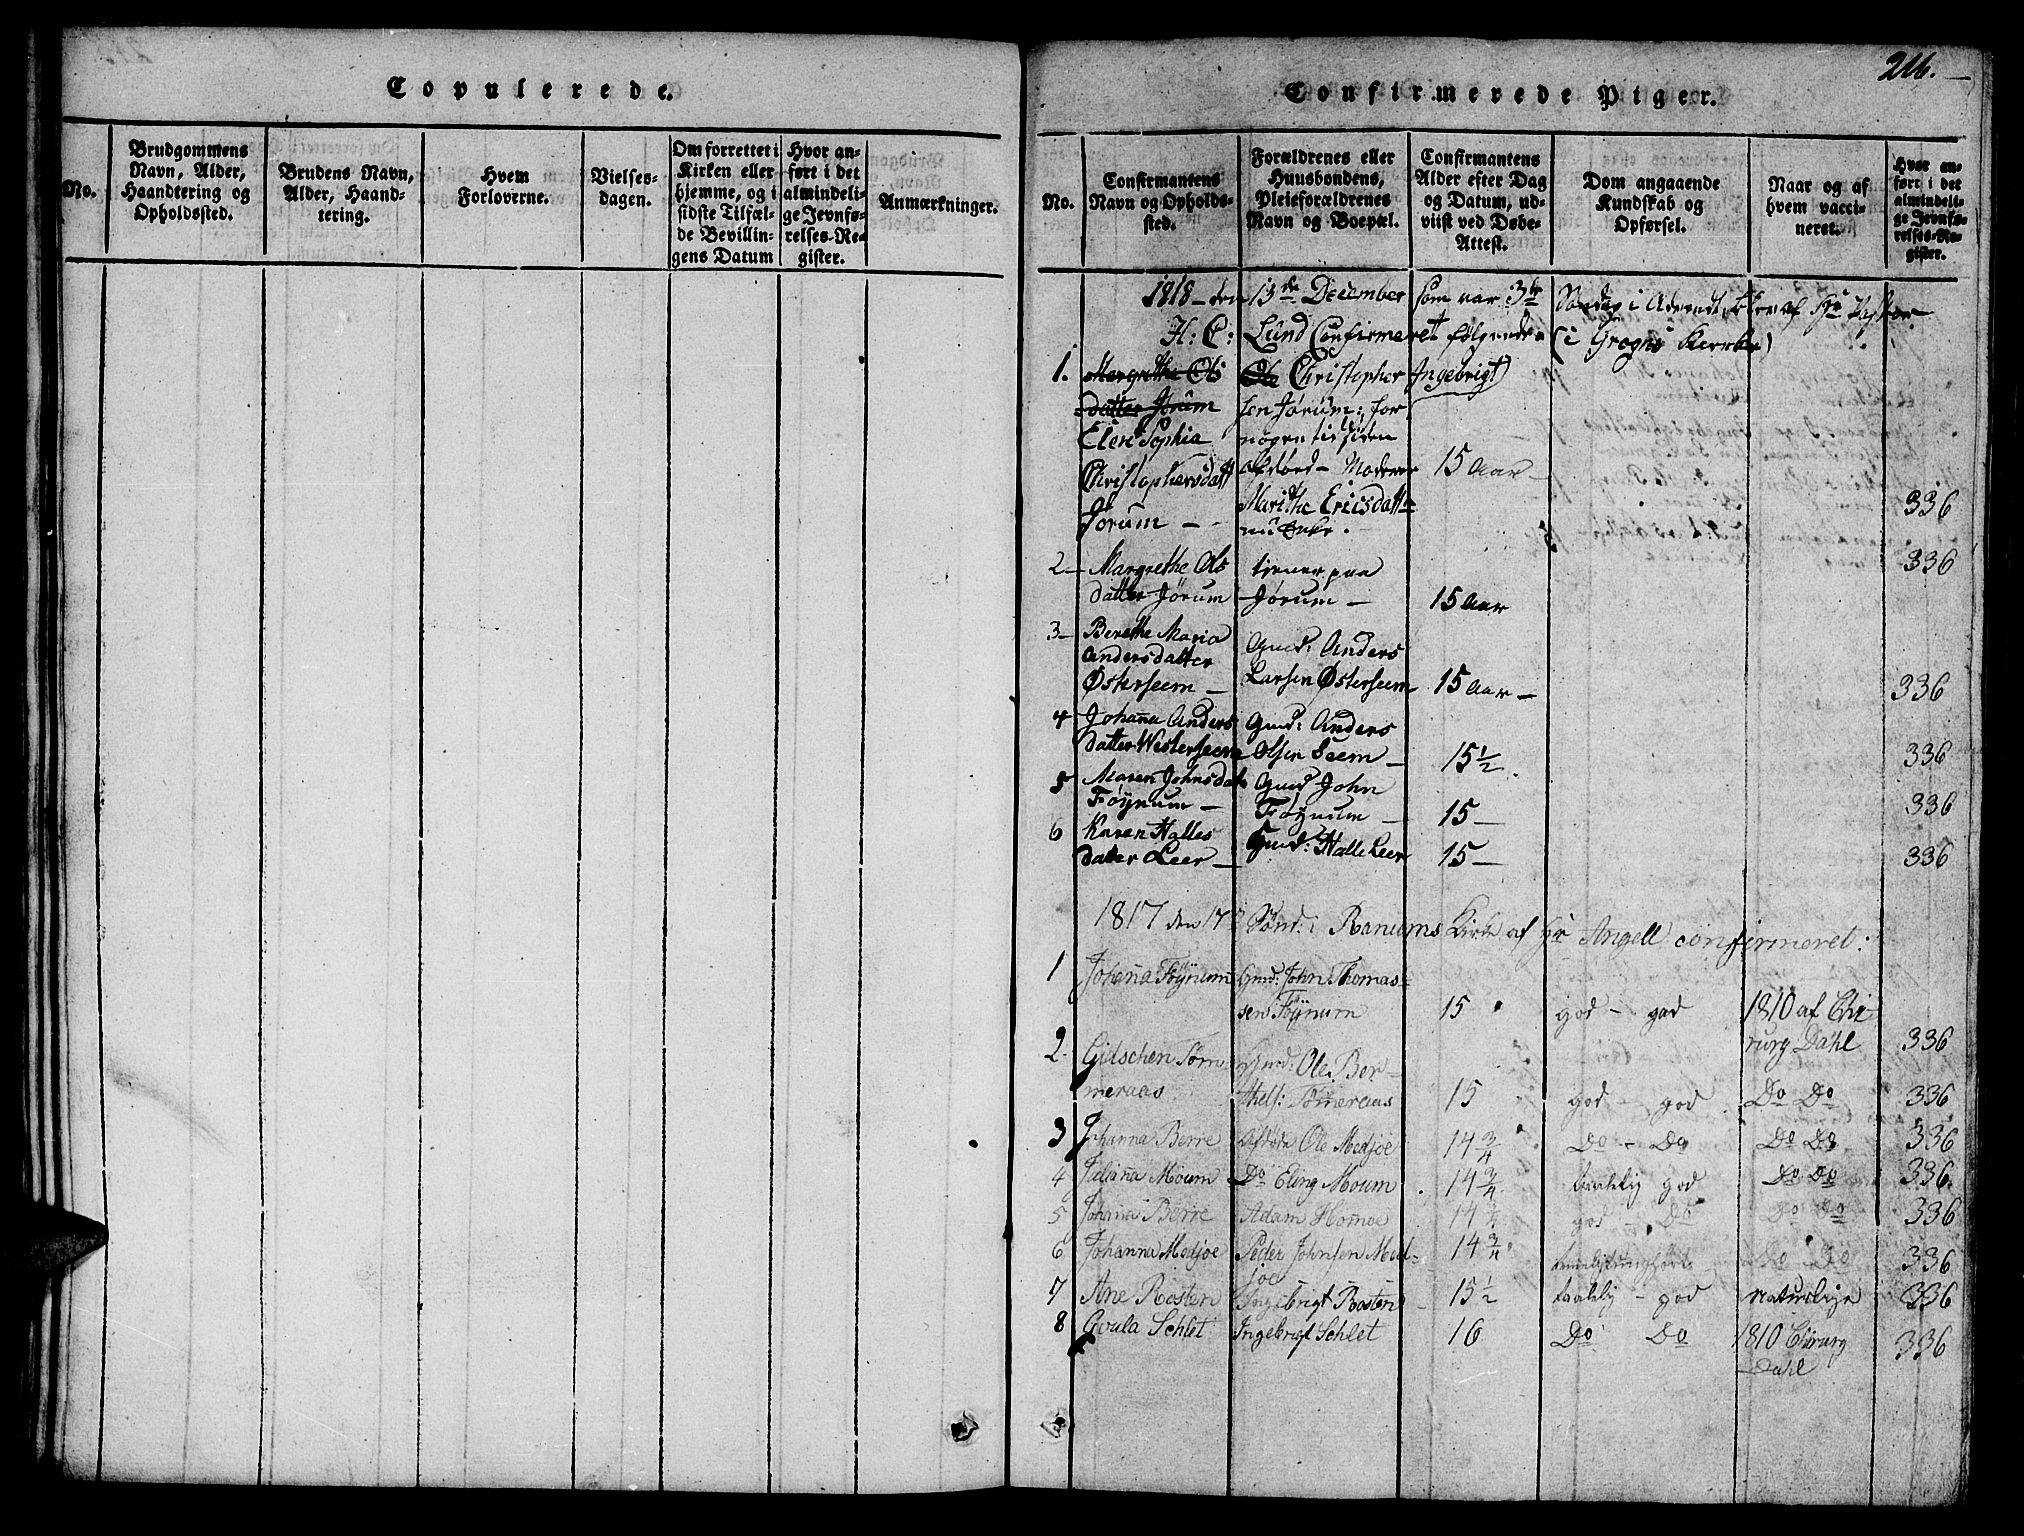 SAT, Ministerialprotokoller, klokkerbøker og fødselsregistre - Nord-Trøndelag, 758/L0521: Klokkerbok nr. 758C01, 1816-1825, s. 216